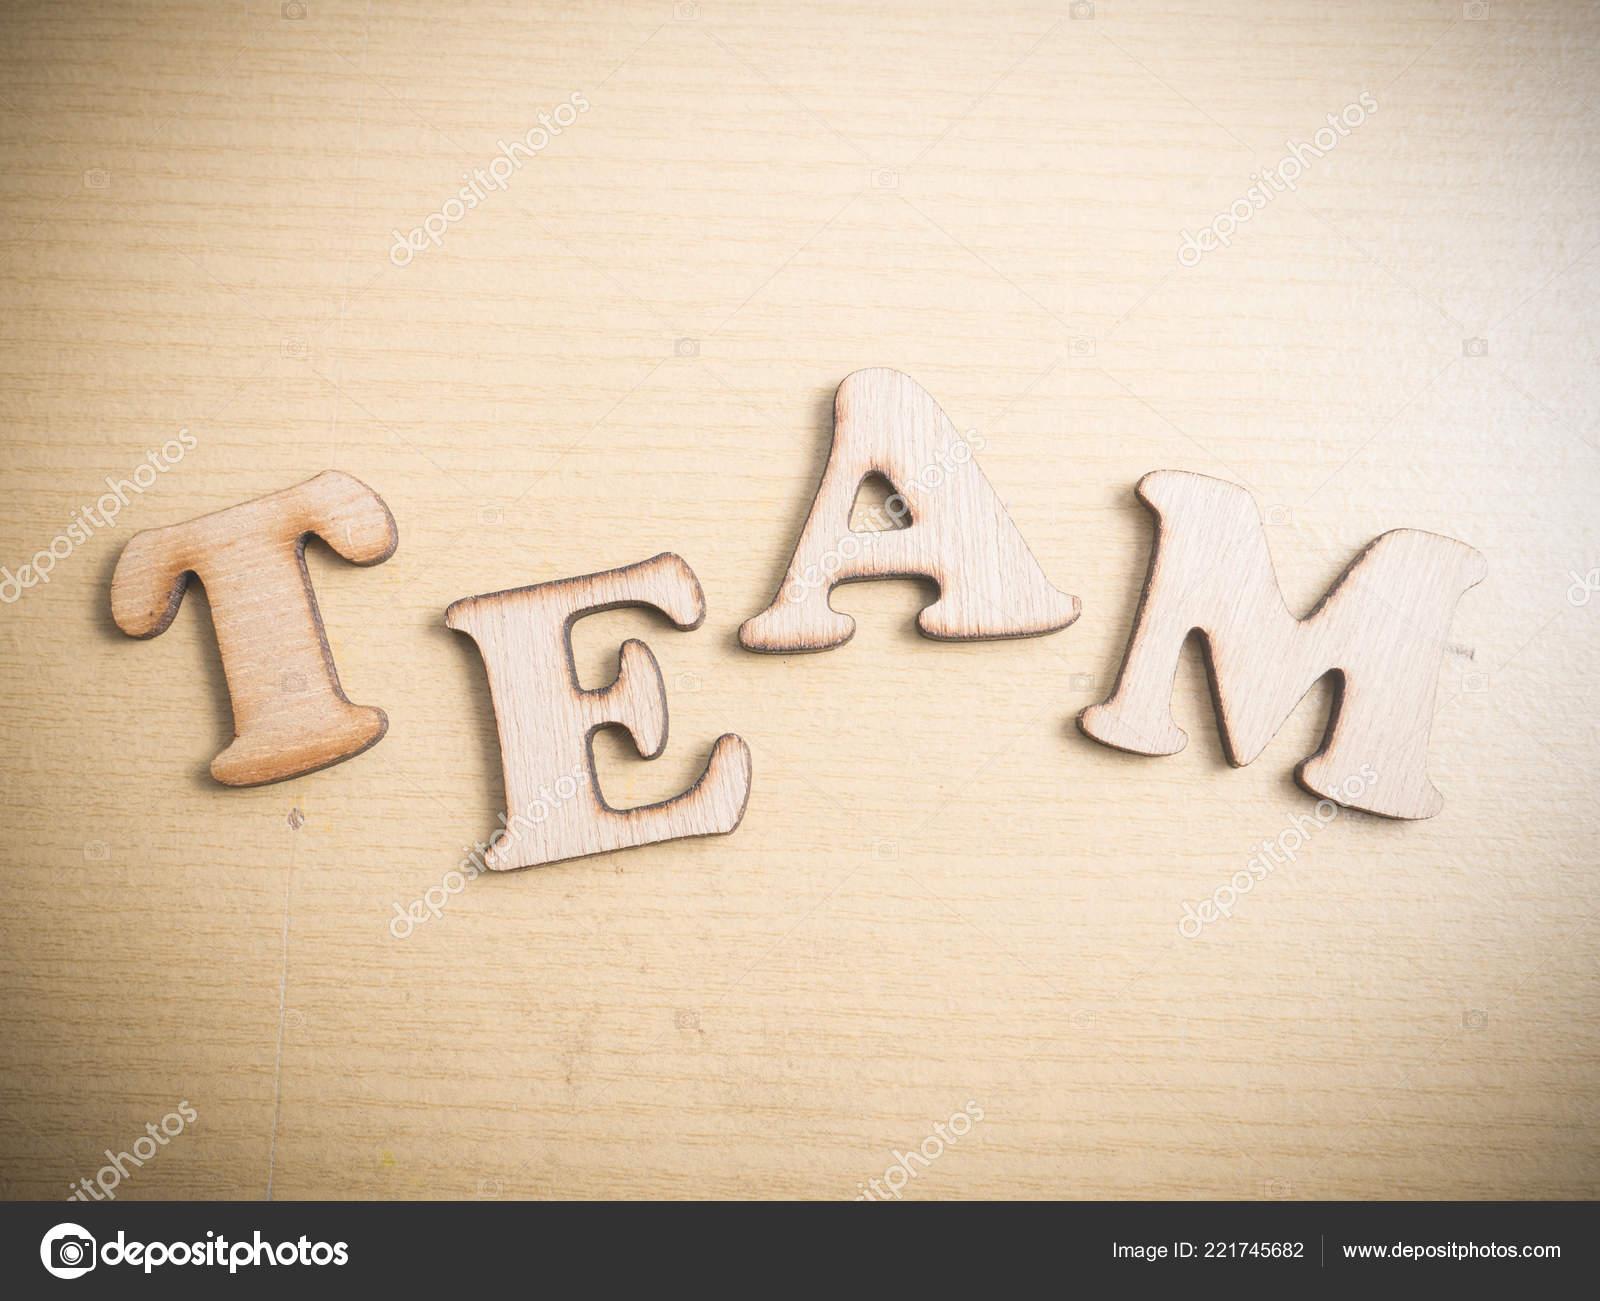 Equipe Motivacional Citações Inspiradoras Negócio Conceito